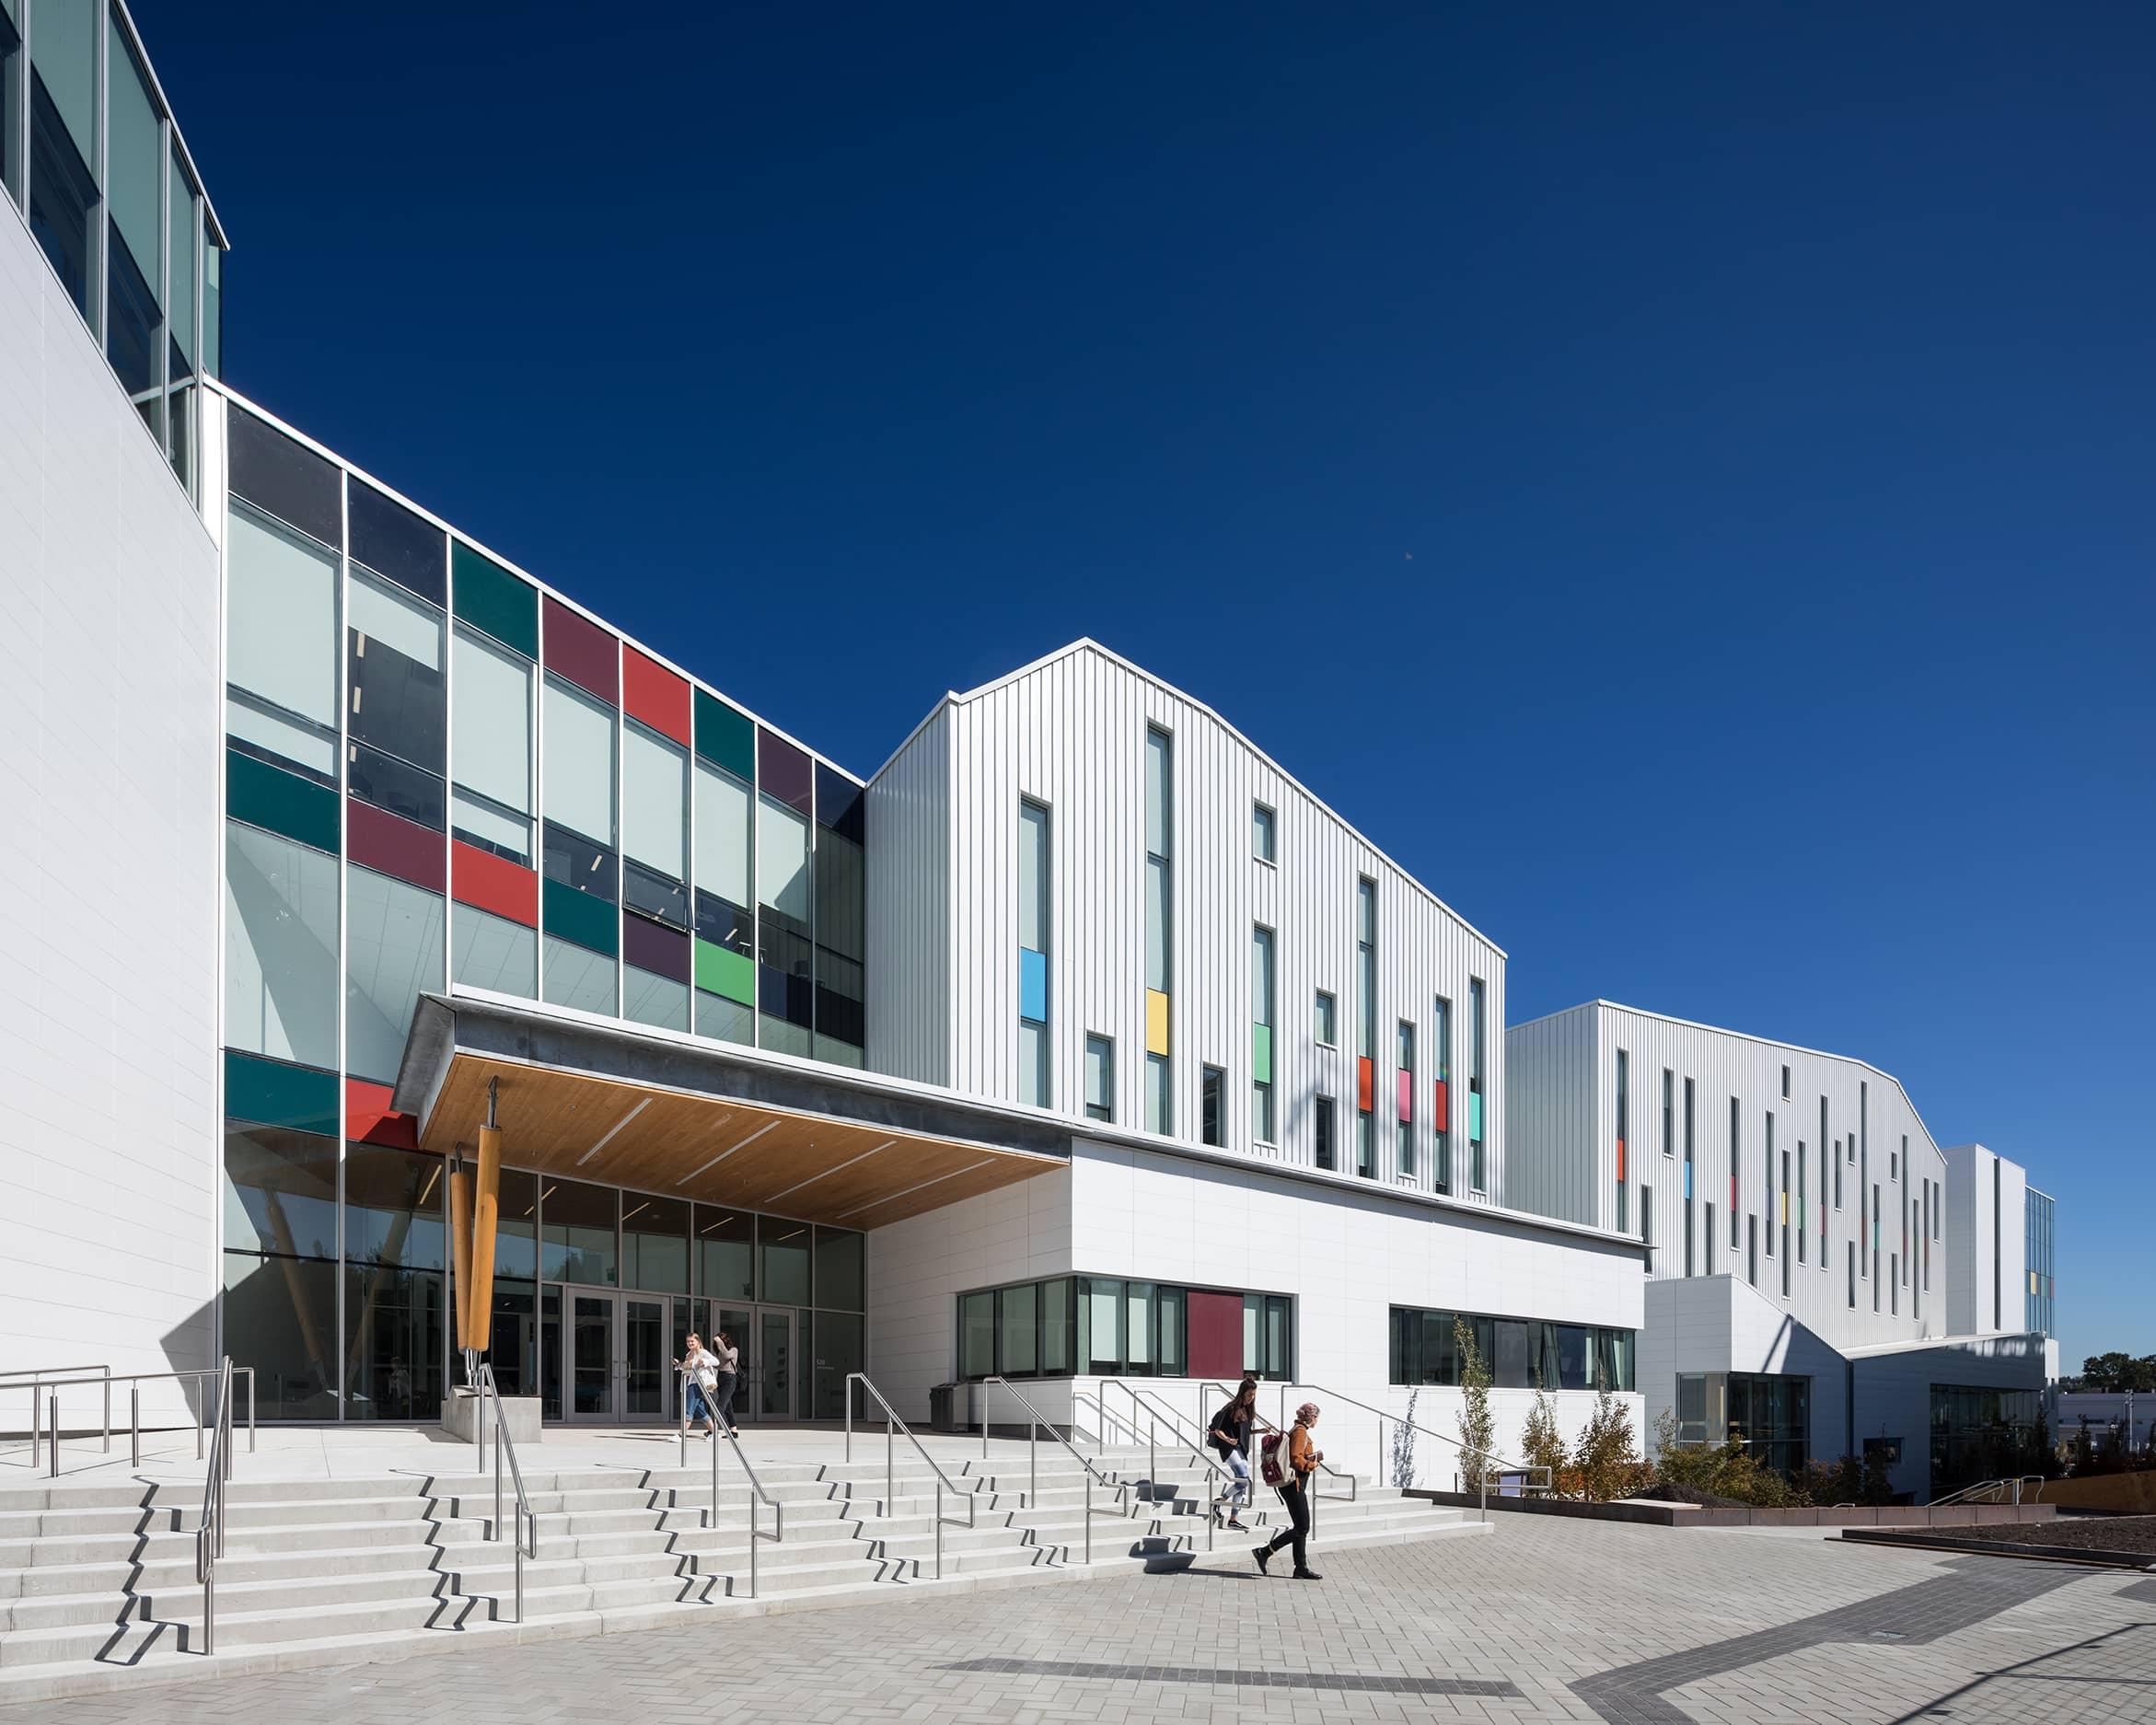 bbp emily carr university of art + design exterior day full